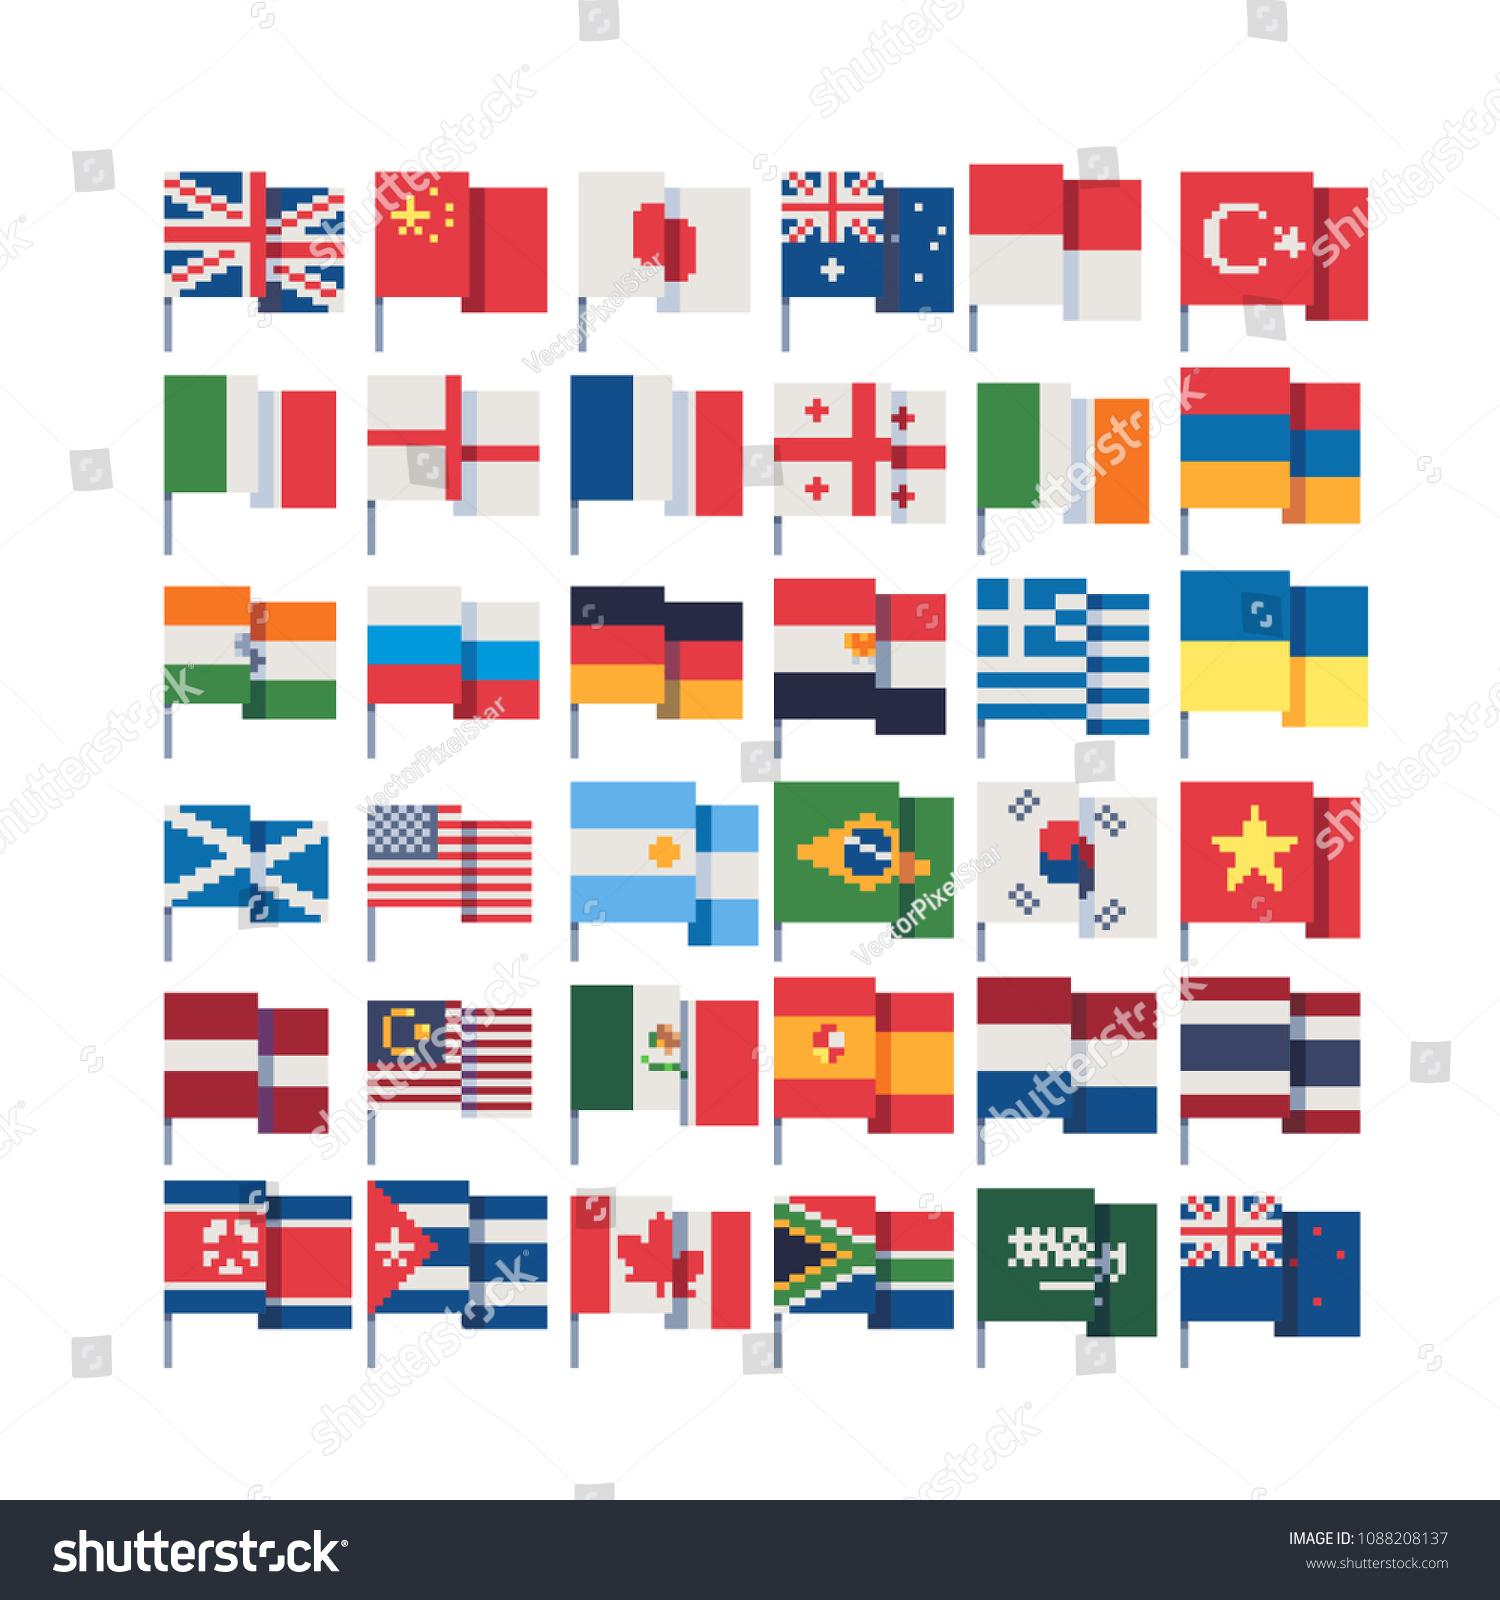 Image Vectorielle De Stock De Drapeaux De Différents Pays